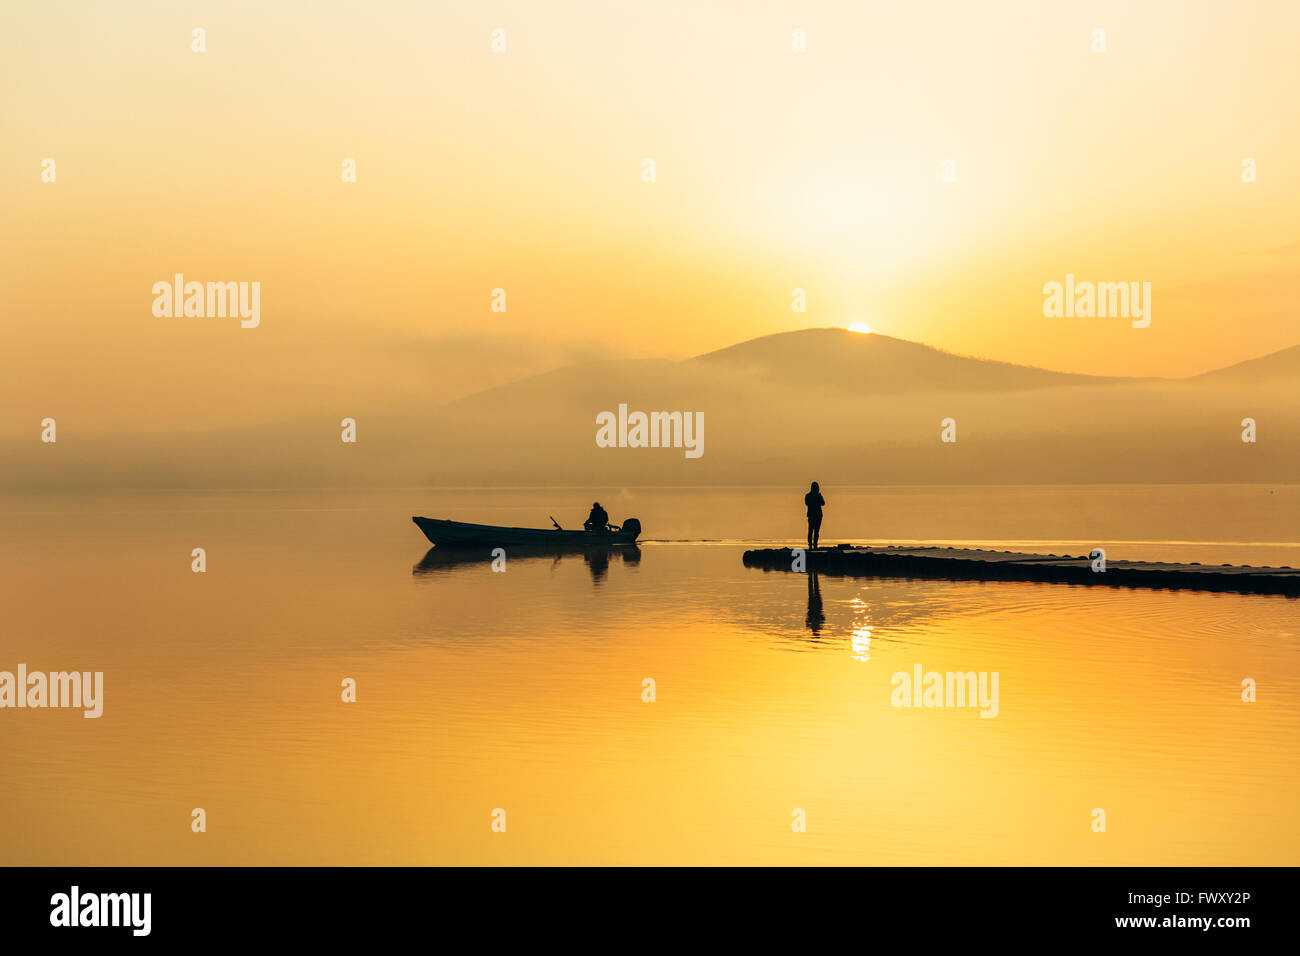 Japan, Izu-Halbinsel, Silhouetten von zwei Menschen im Boot und Steg Stockbild